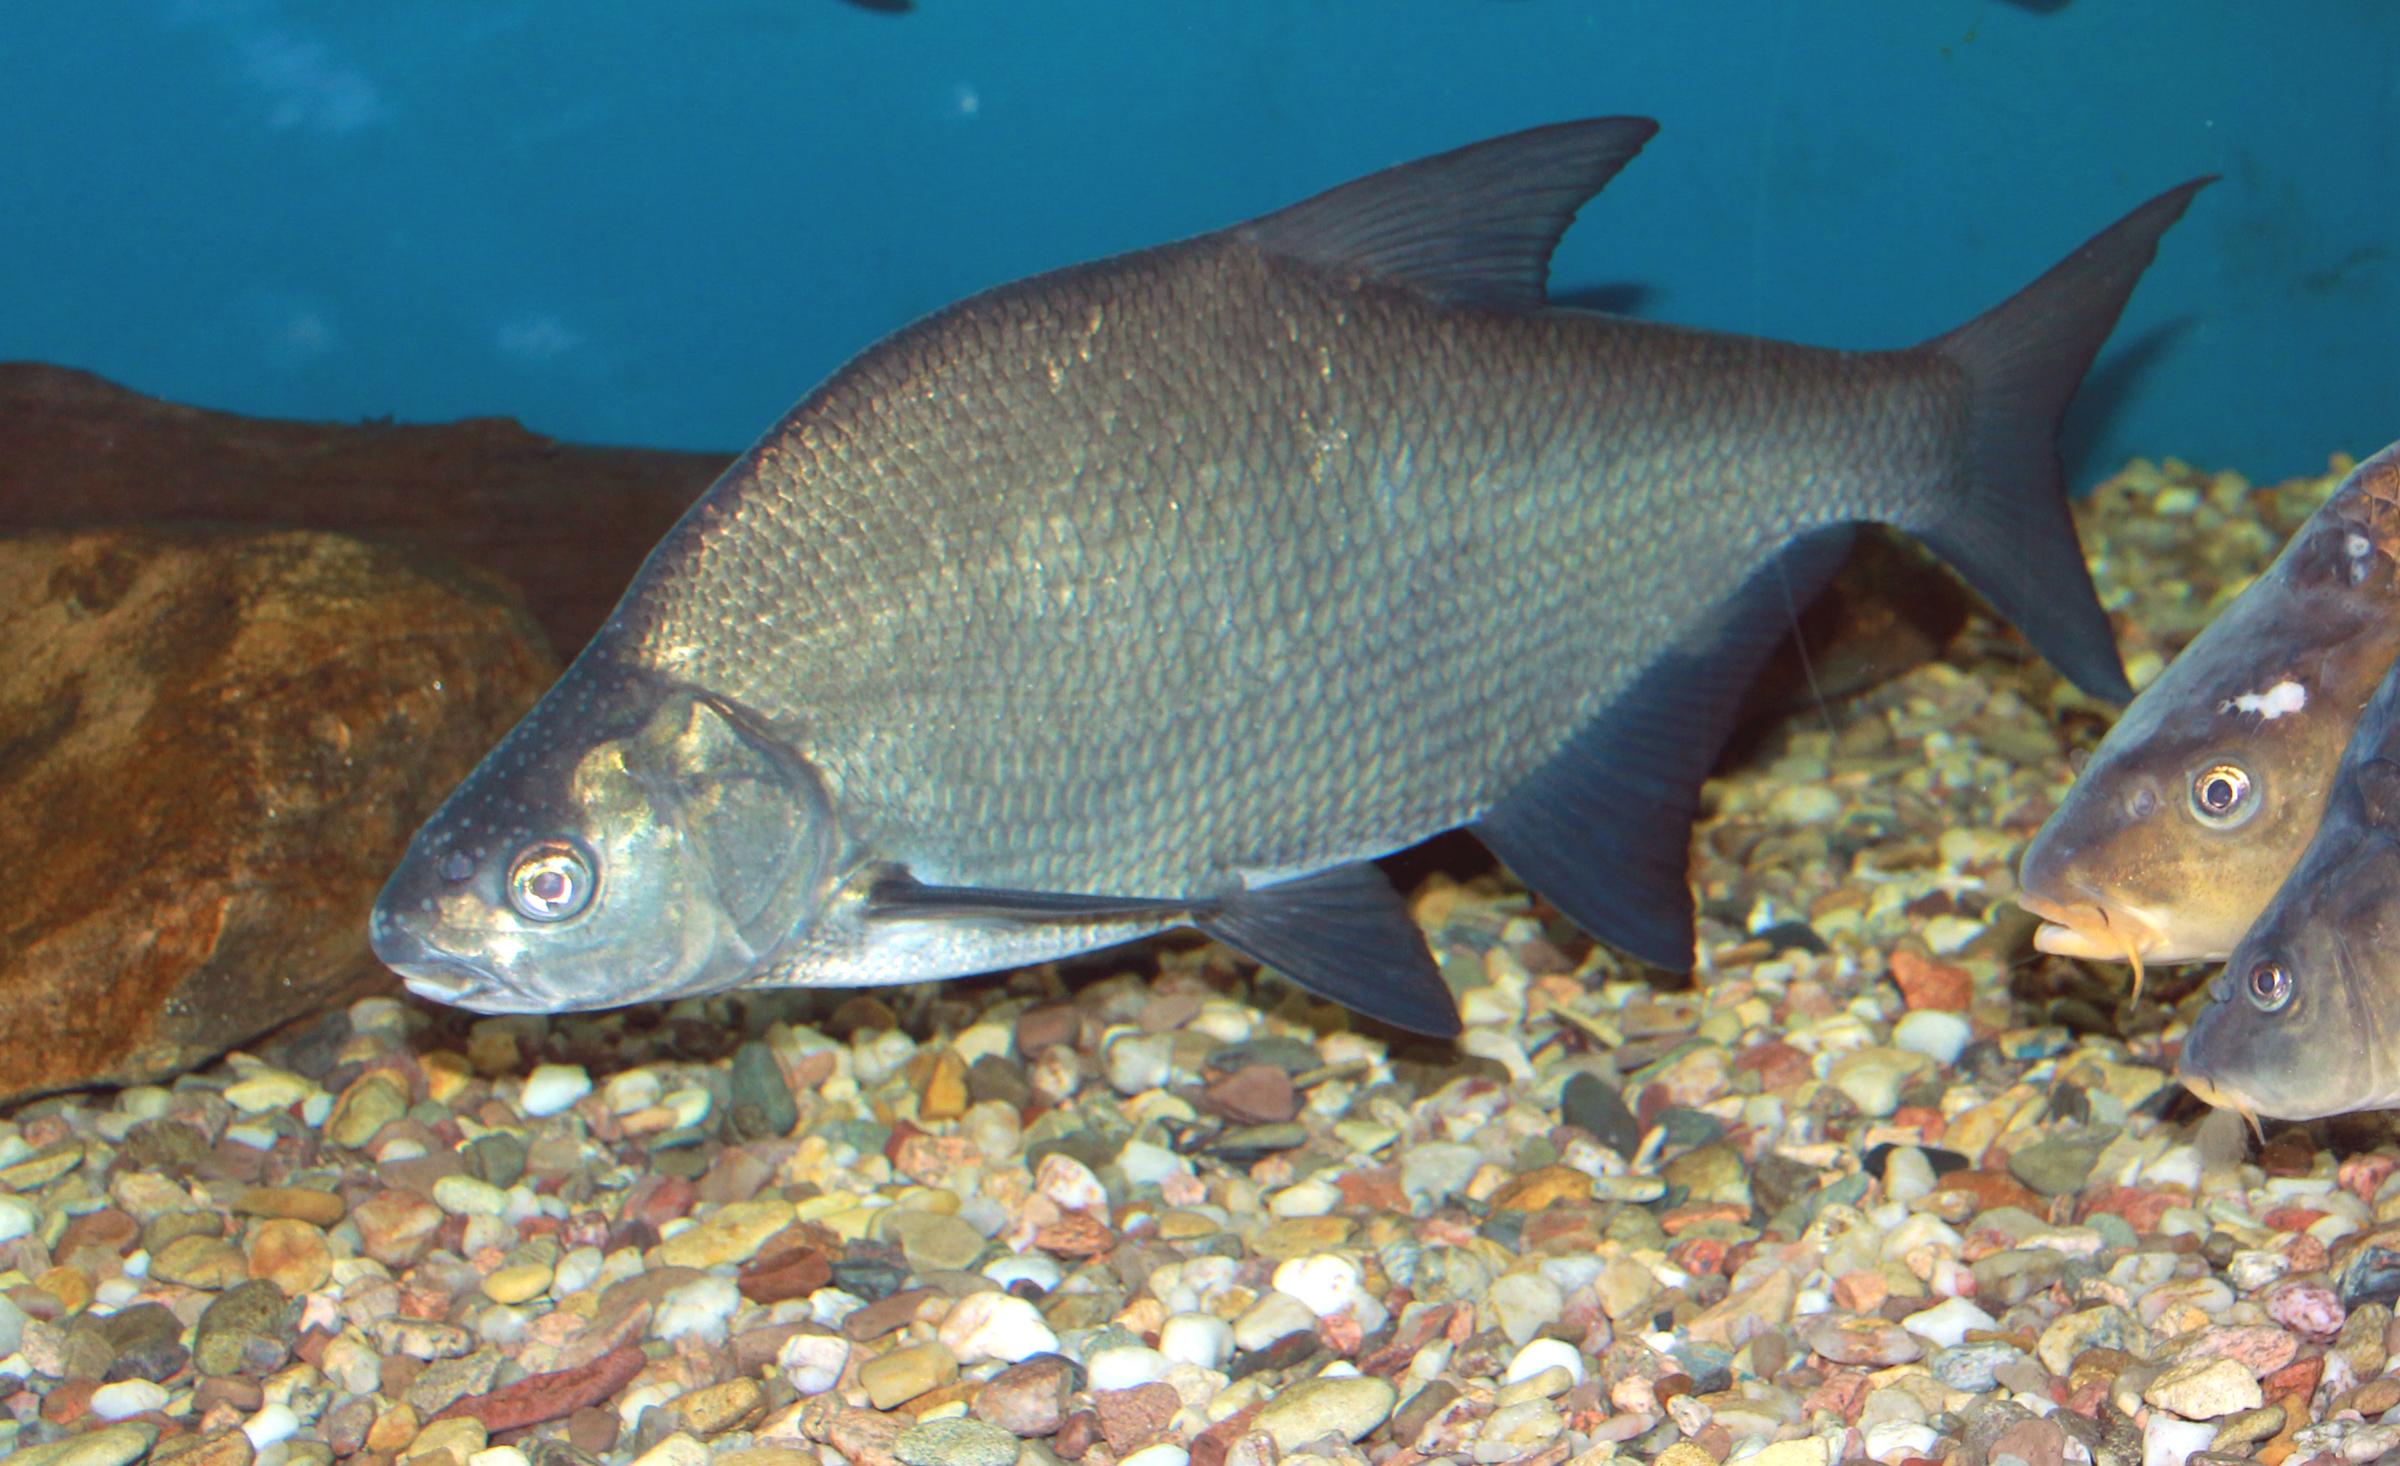 Freshwater fish bream - Fish Photo